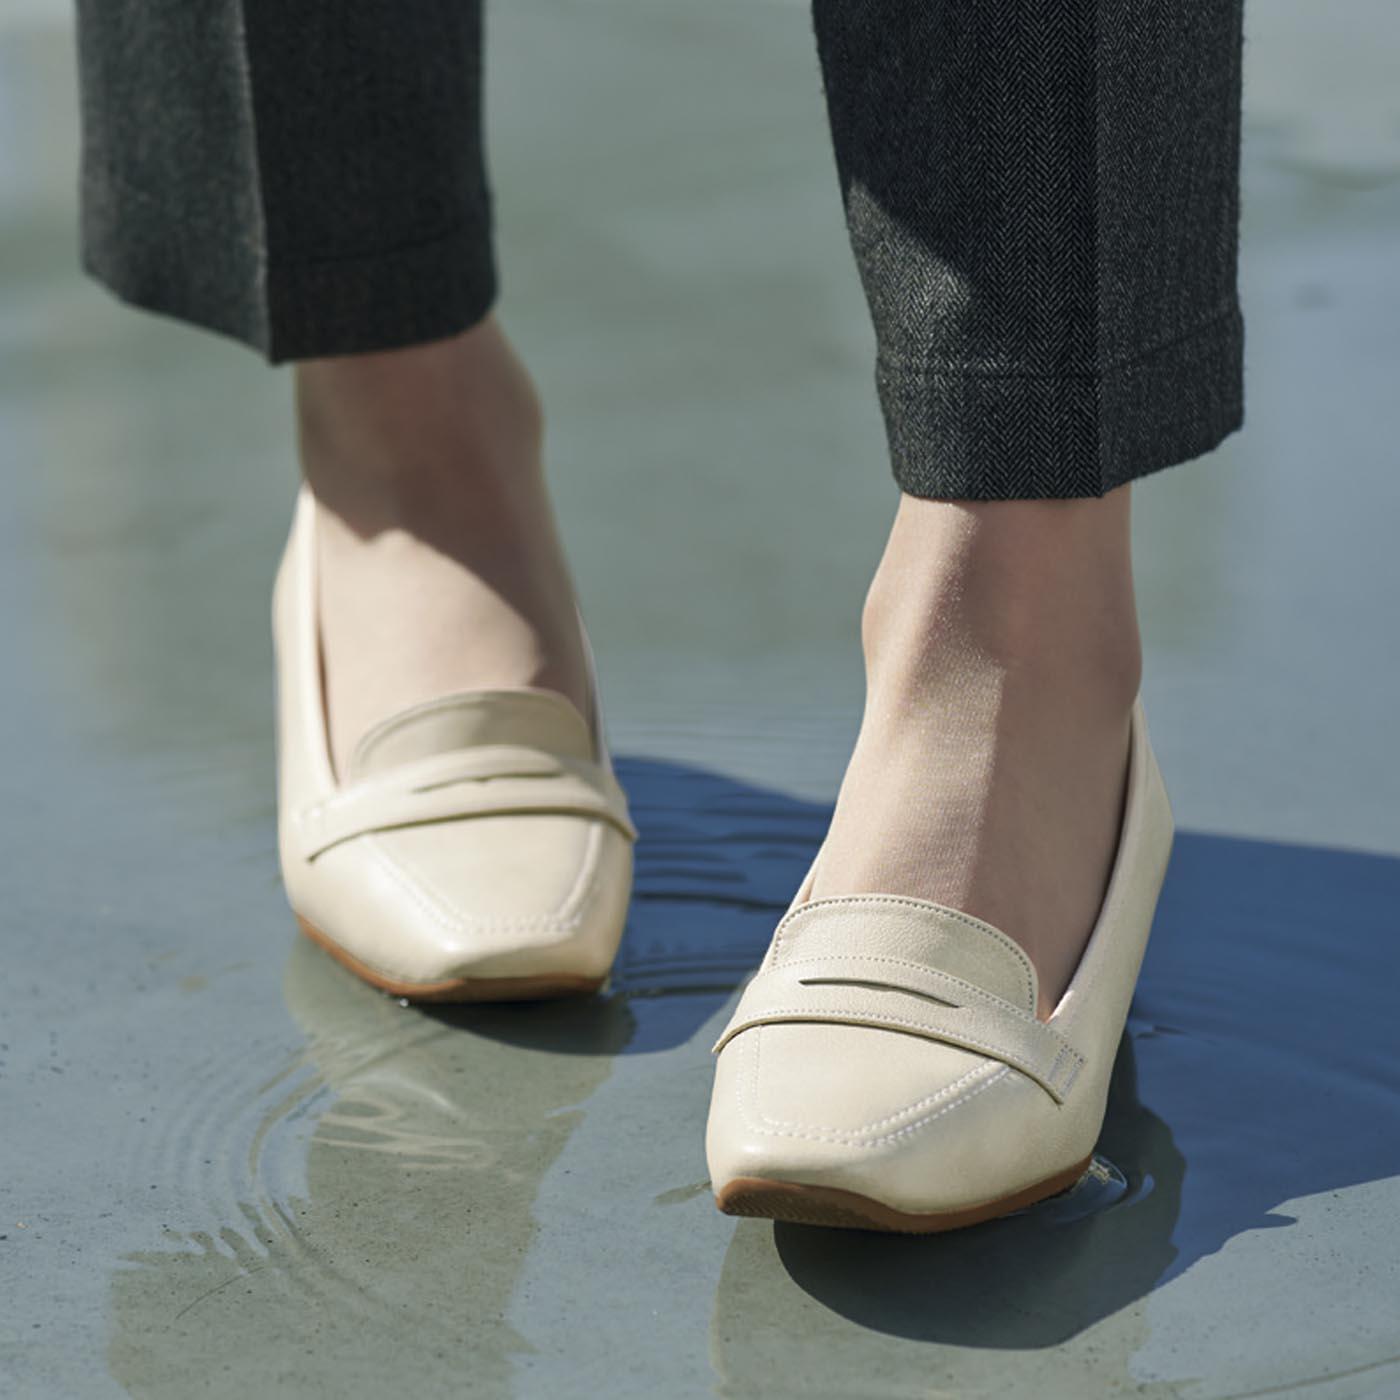 足もとを軽快に見せるアイボリー。上品なシボ感が女性らしい印象。